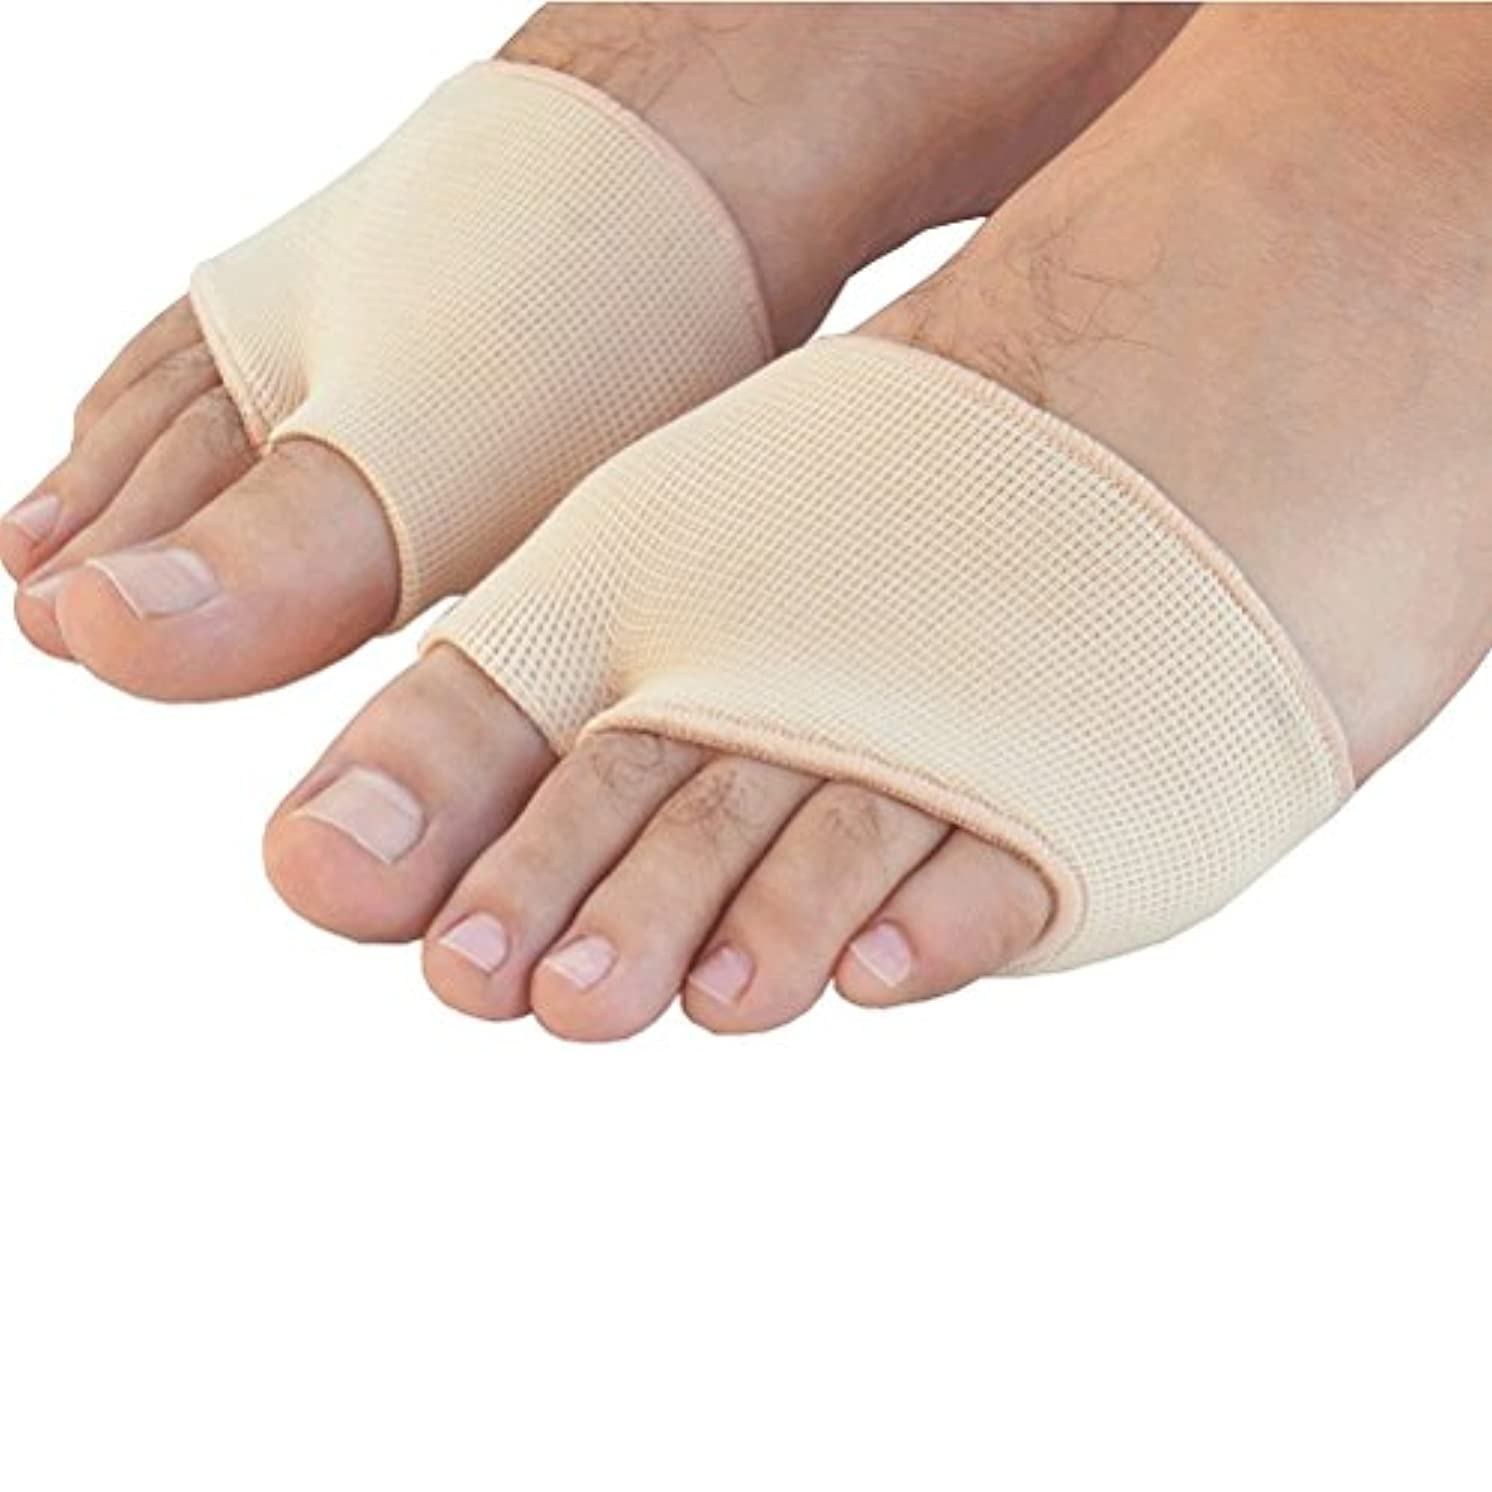 疲れたコールド差別するROSENICE ゲル前足中足骨の痛み救済吸収クッション パッド 足底筋膜炎インソール 衝撃吸収 サイズS(肌の色)